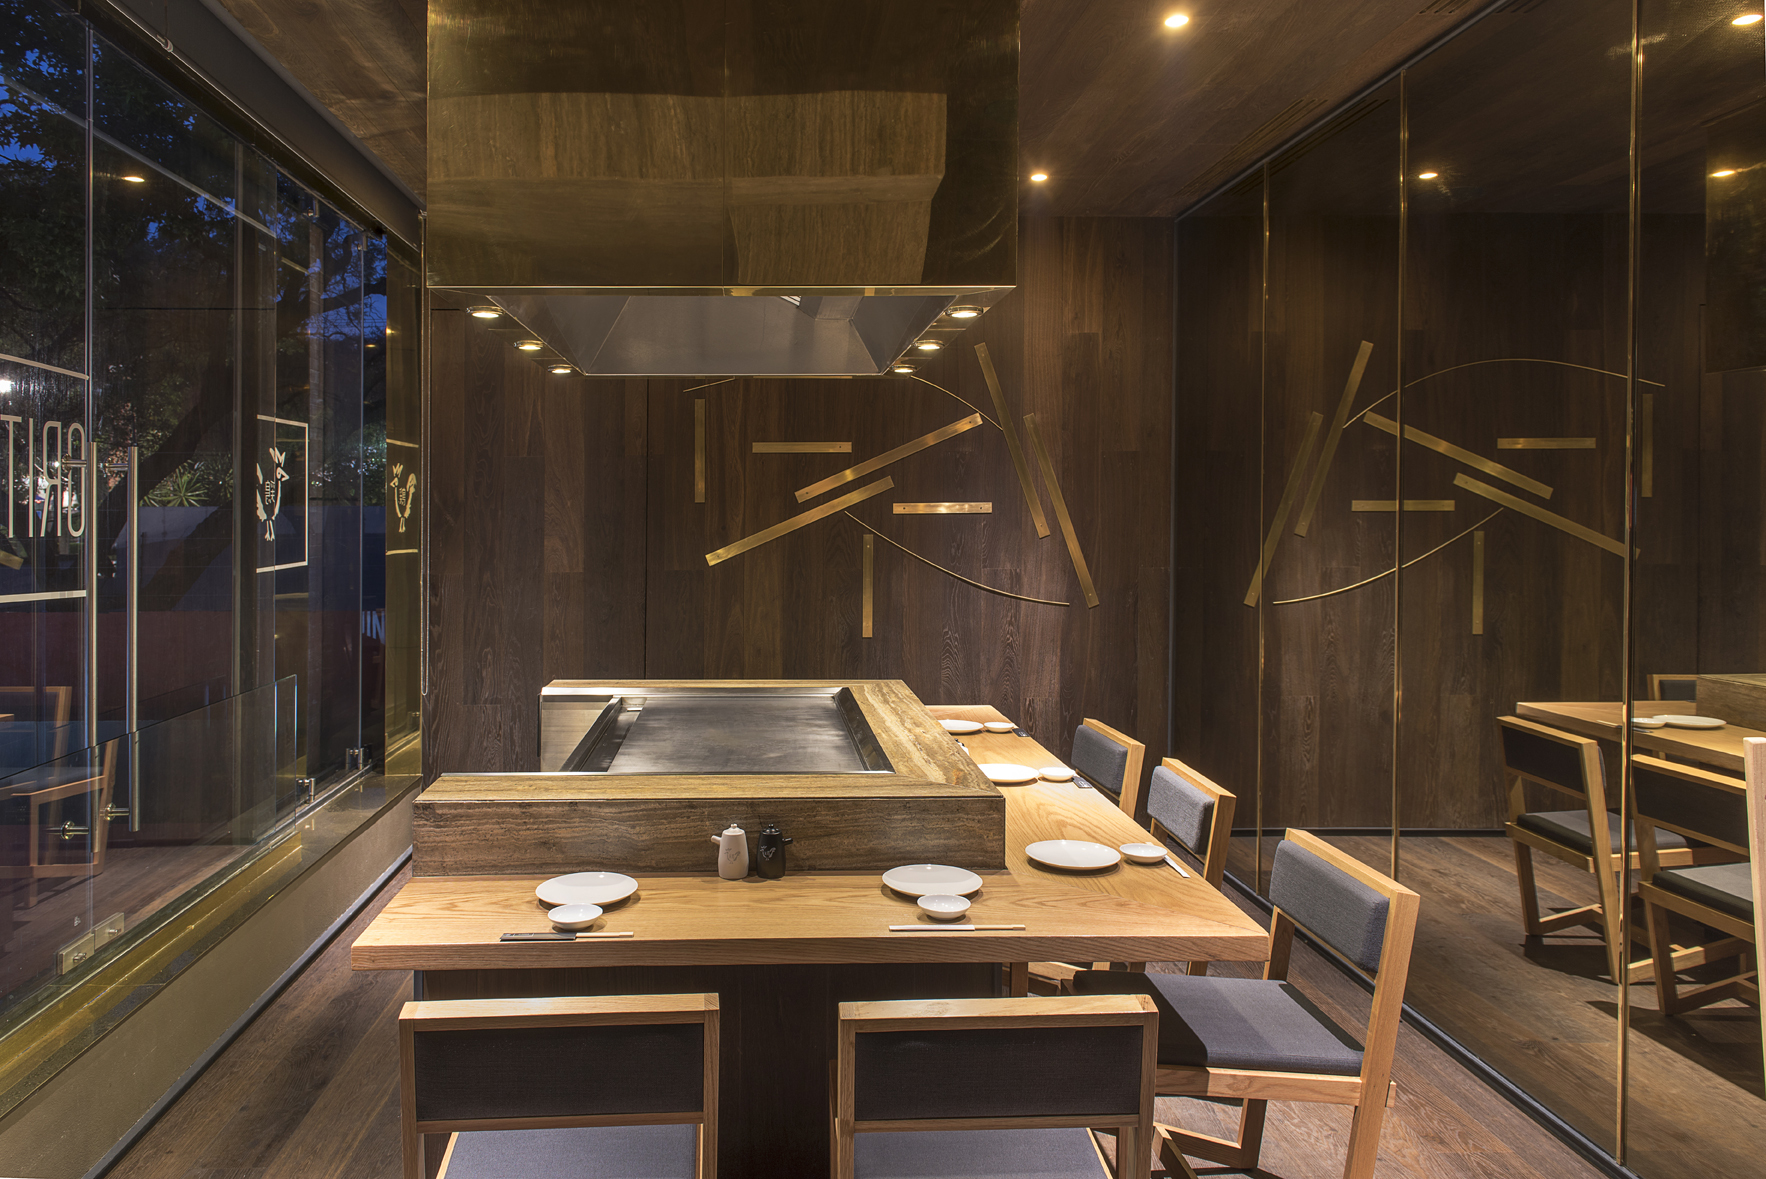 galer a de tori tori altavista esrawe studio rojkind arquitectos 7. Black Bedroom Furniture Sets. Home Design Ideas